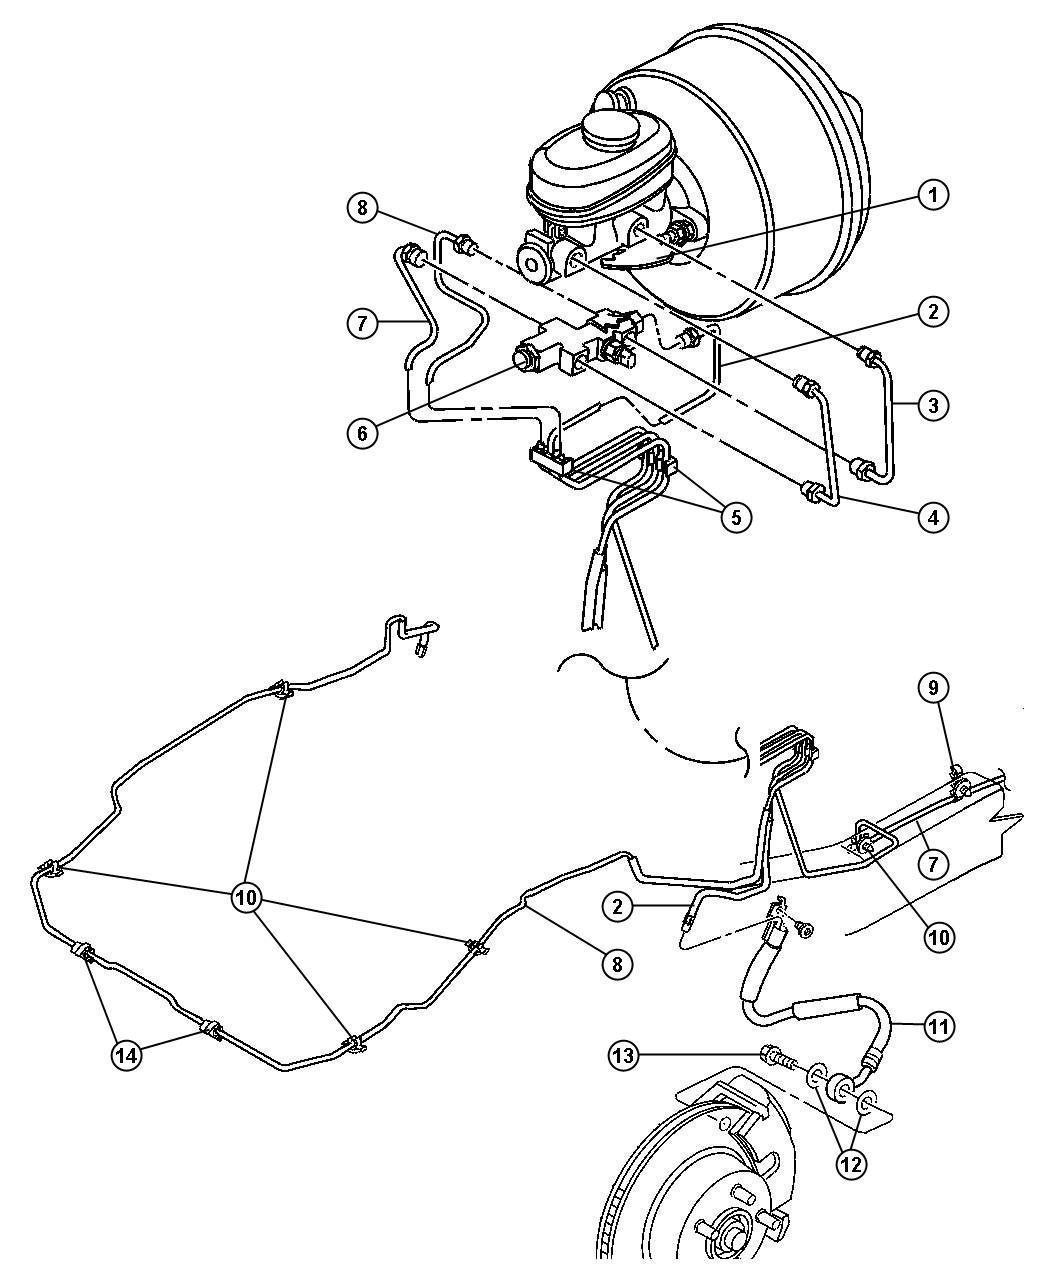 2002 Acura Tl Fuse Box Diagram. Acura. Auto Fuse Box Diagram